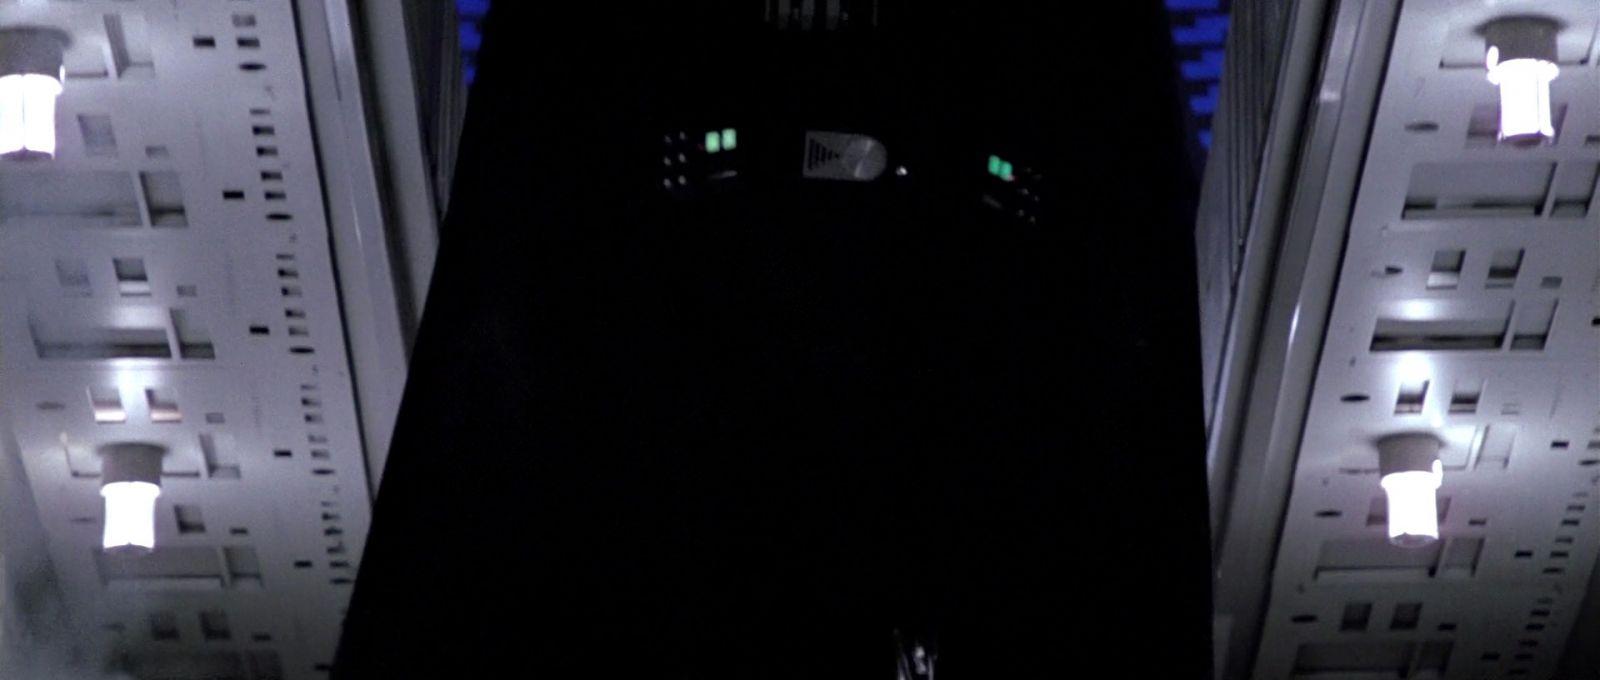 ROTJ Vader 232